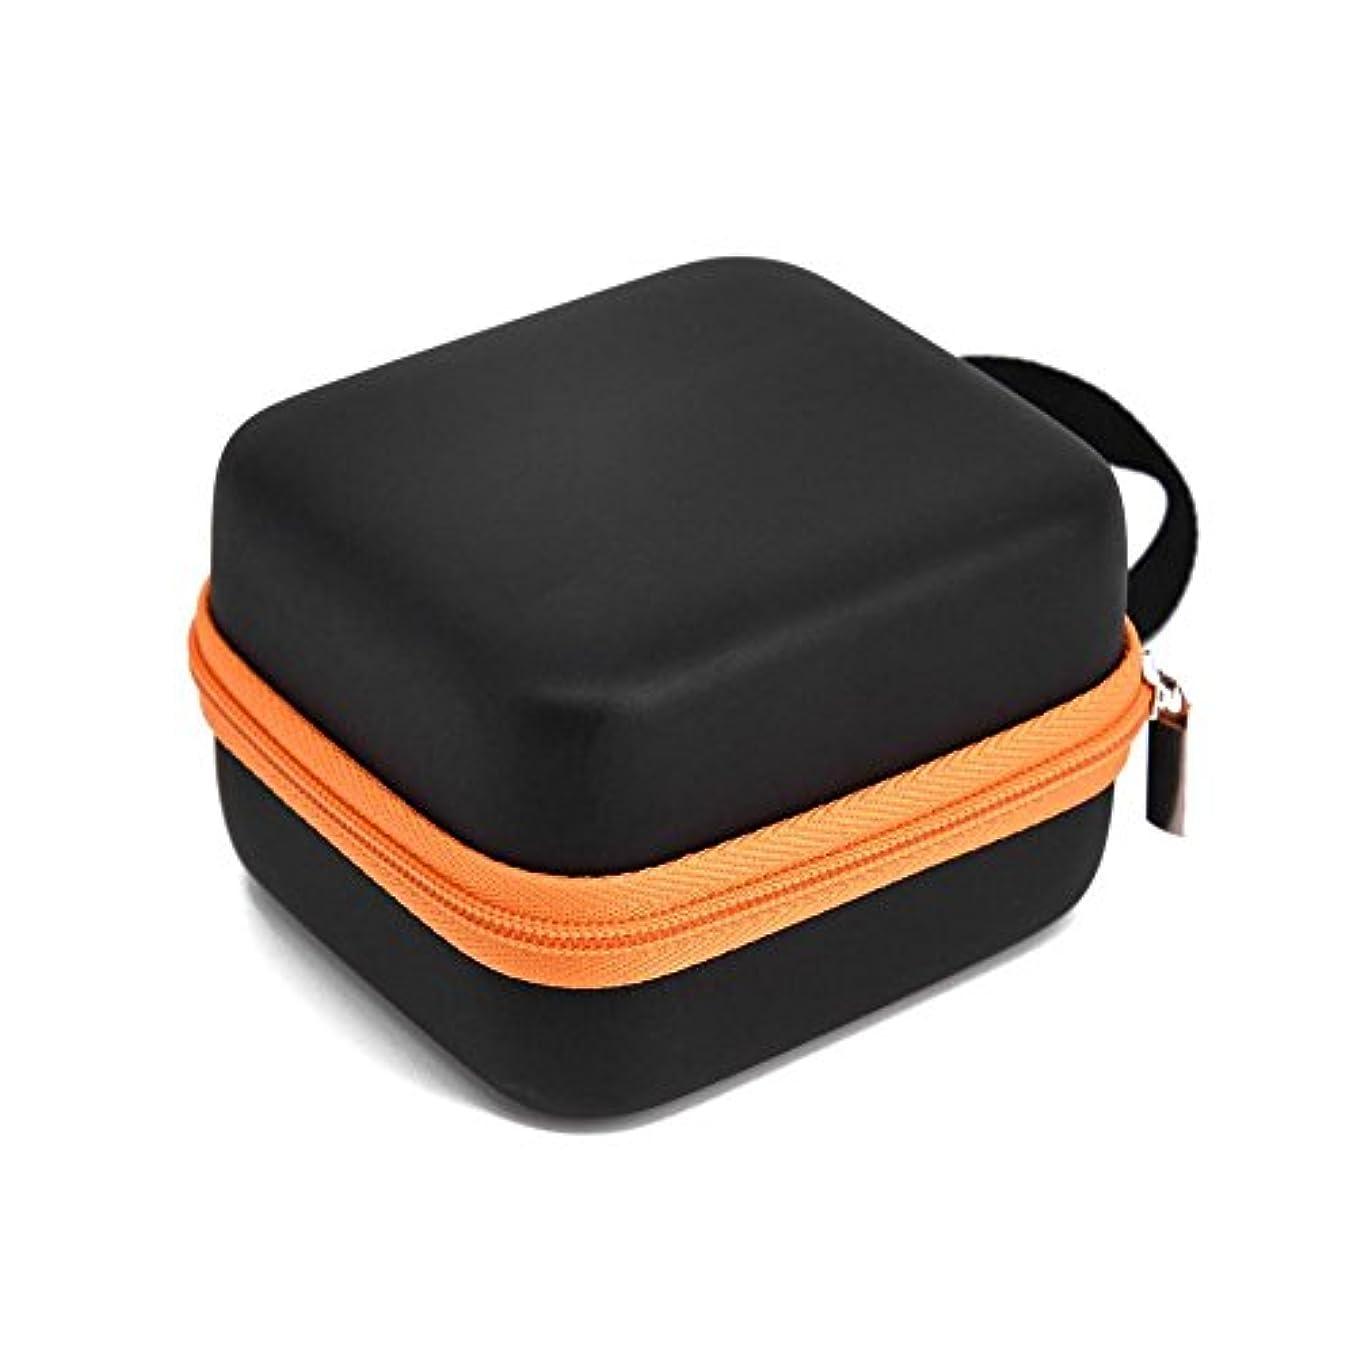 代理人パーティション貪欲Farlong 7グリッド 5ML 精油貯蔵袋 エスニックスタイル オイル収納ボックス 人気の 精油 ケース 5色